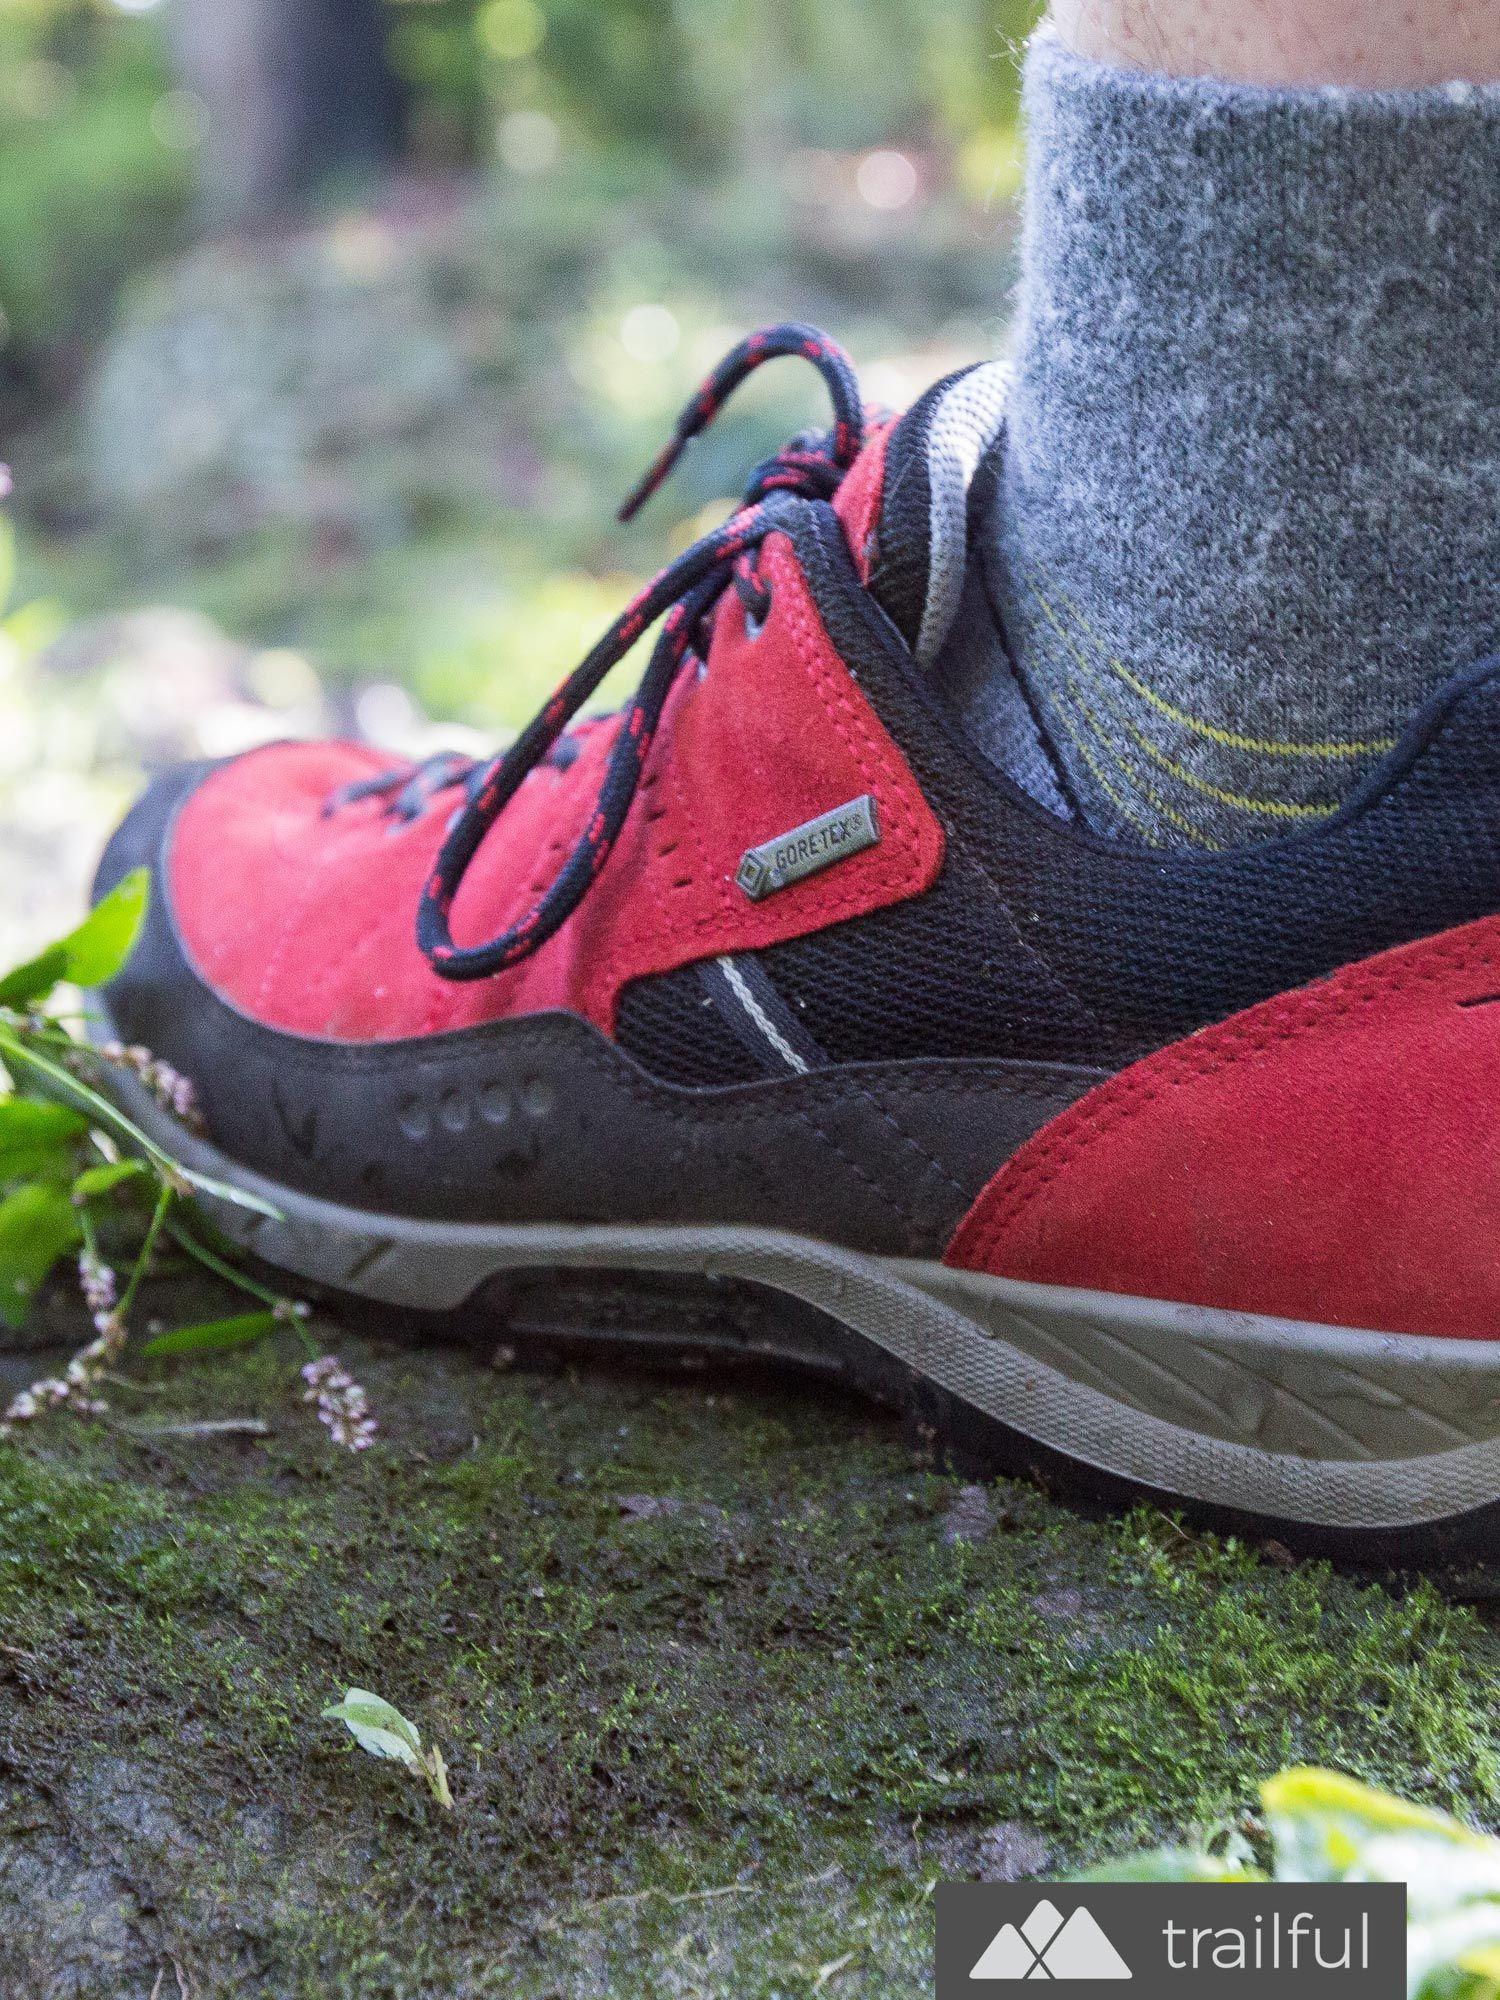 Ecco Yura Gtx Hiking Shoe Review Hiking Shoes And Hiking Equipment